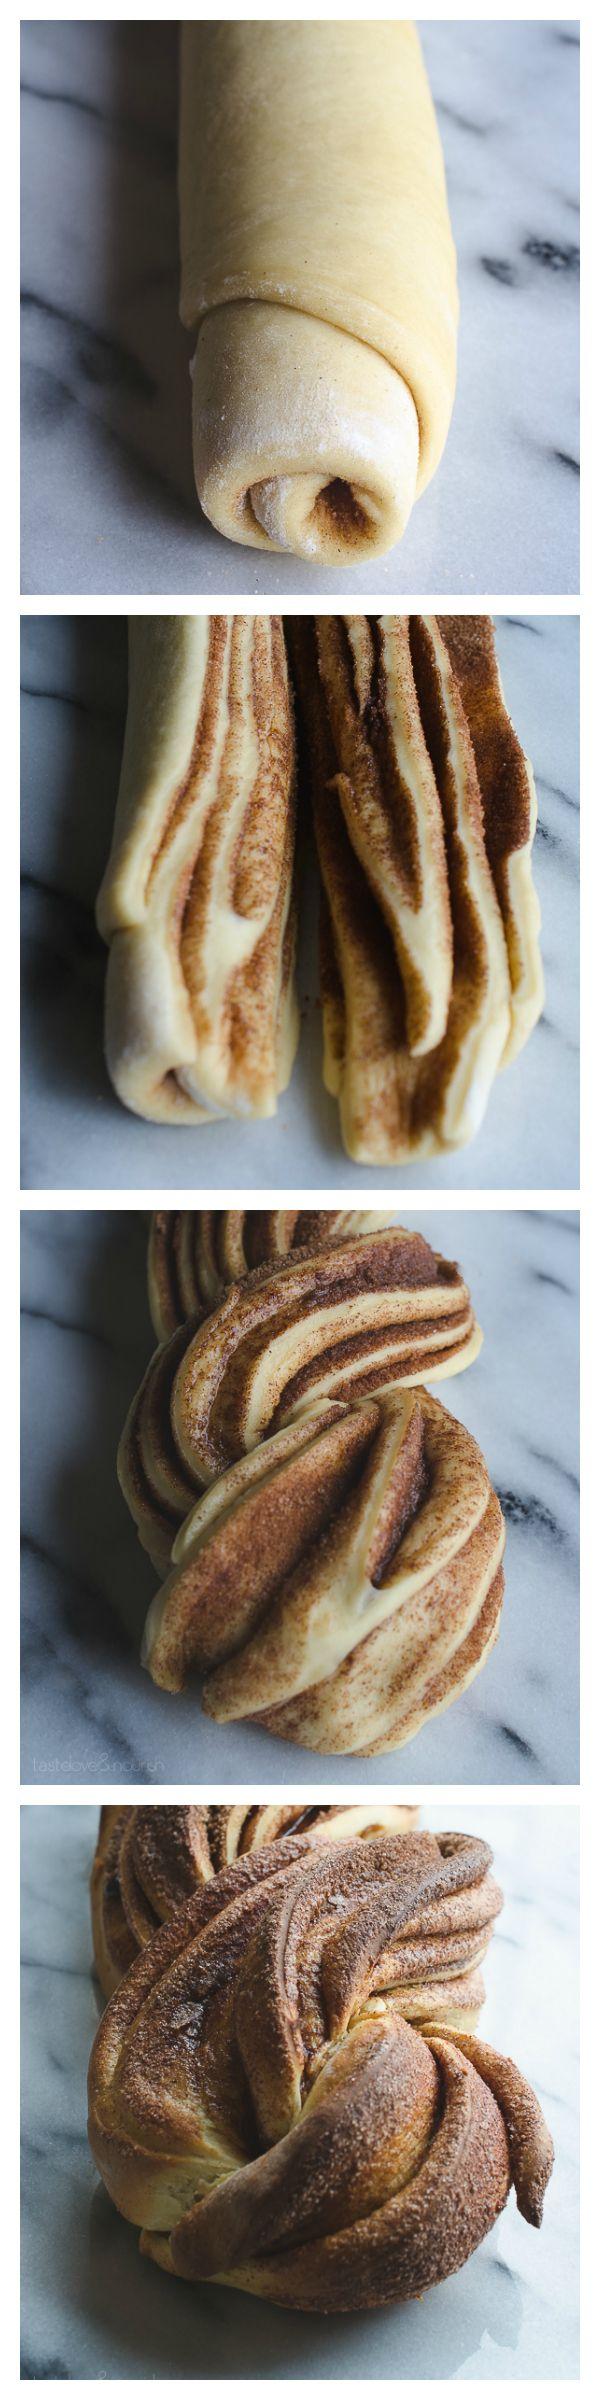 Cinnamon Nog Twist Bread | @tasteLUVnourish